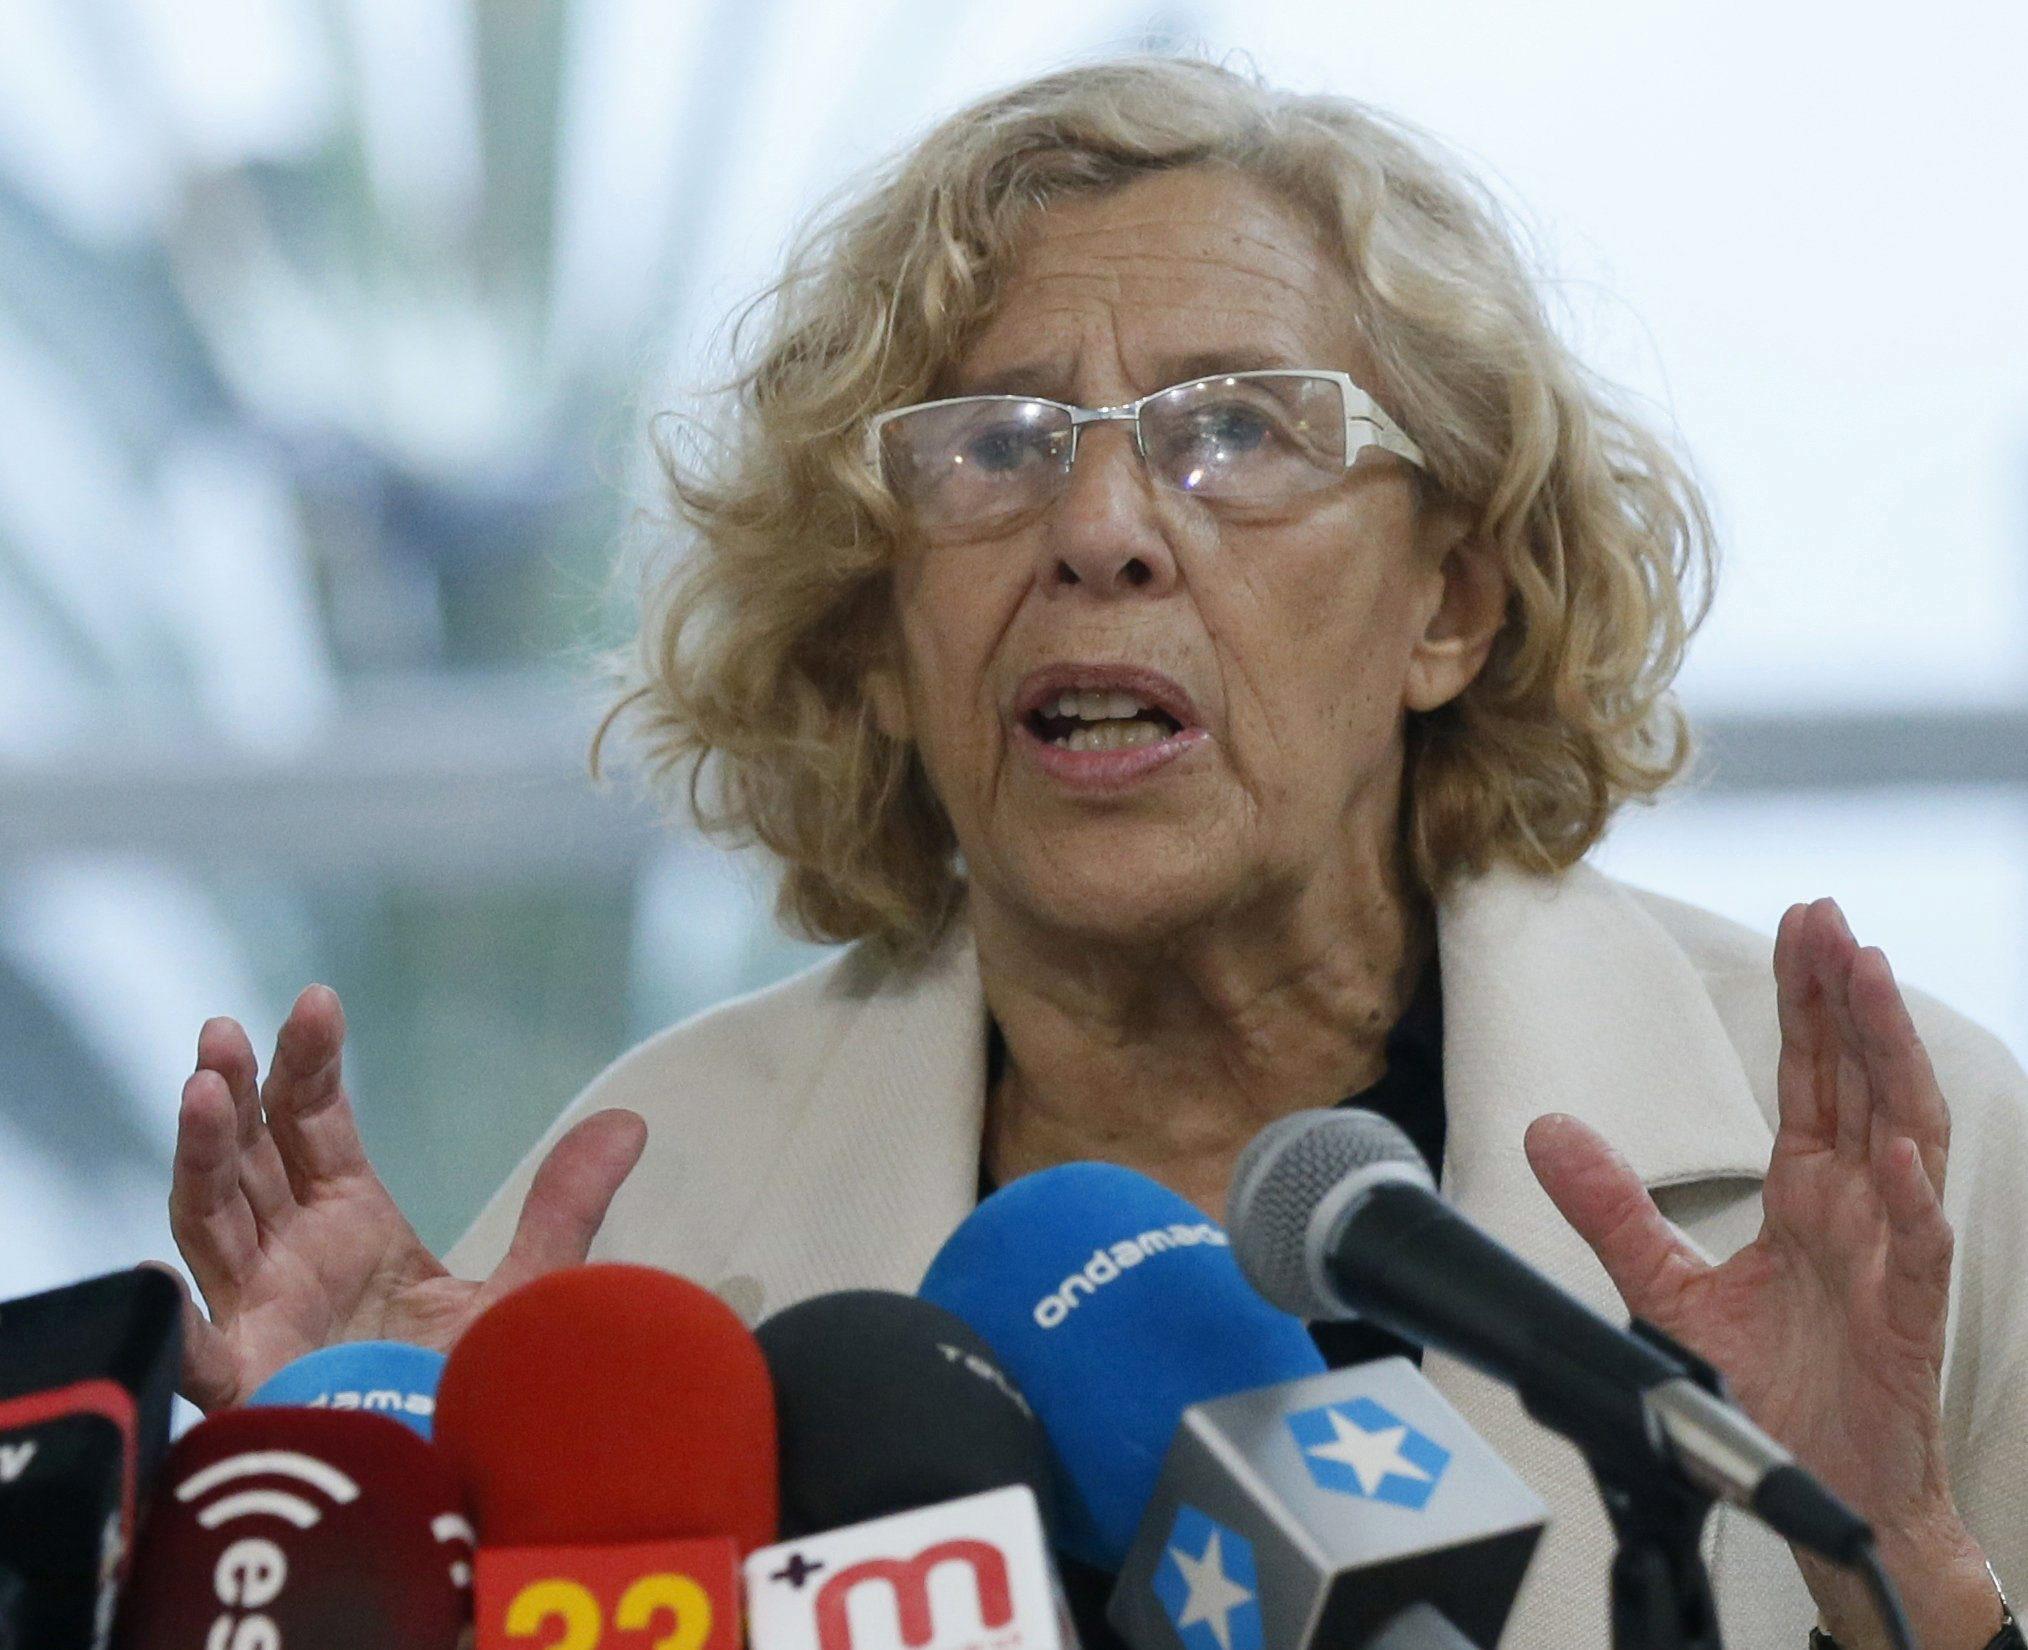 Madrid e femminicidio: la sindaca annuncia 3 giorni di lutto